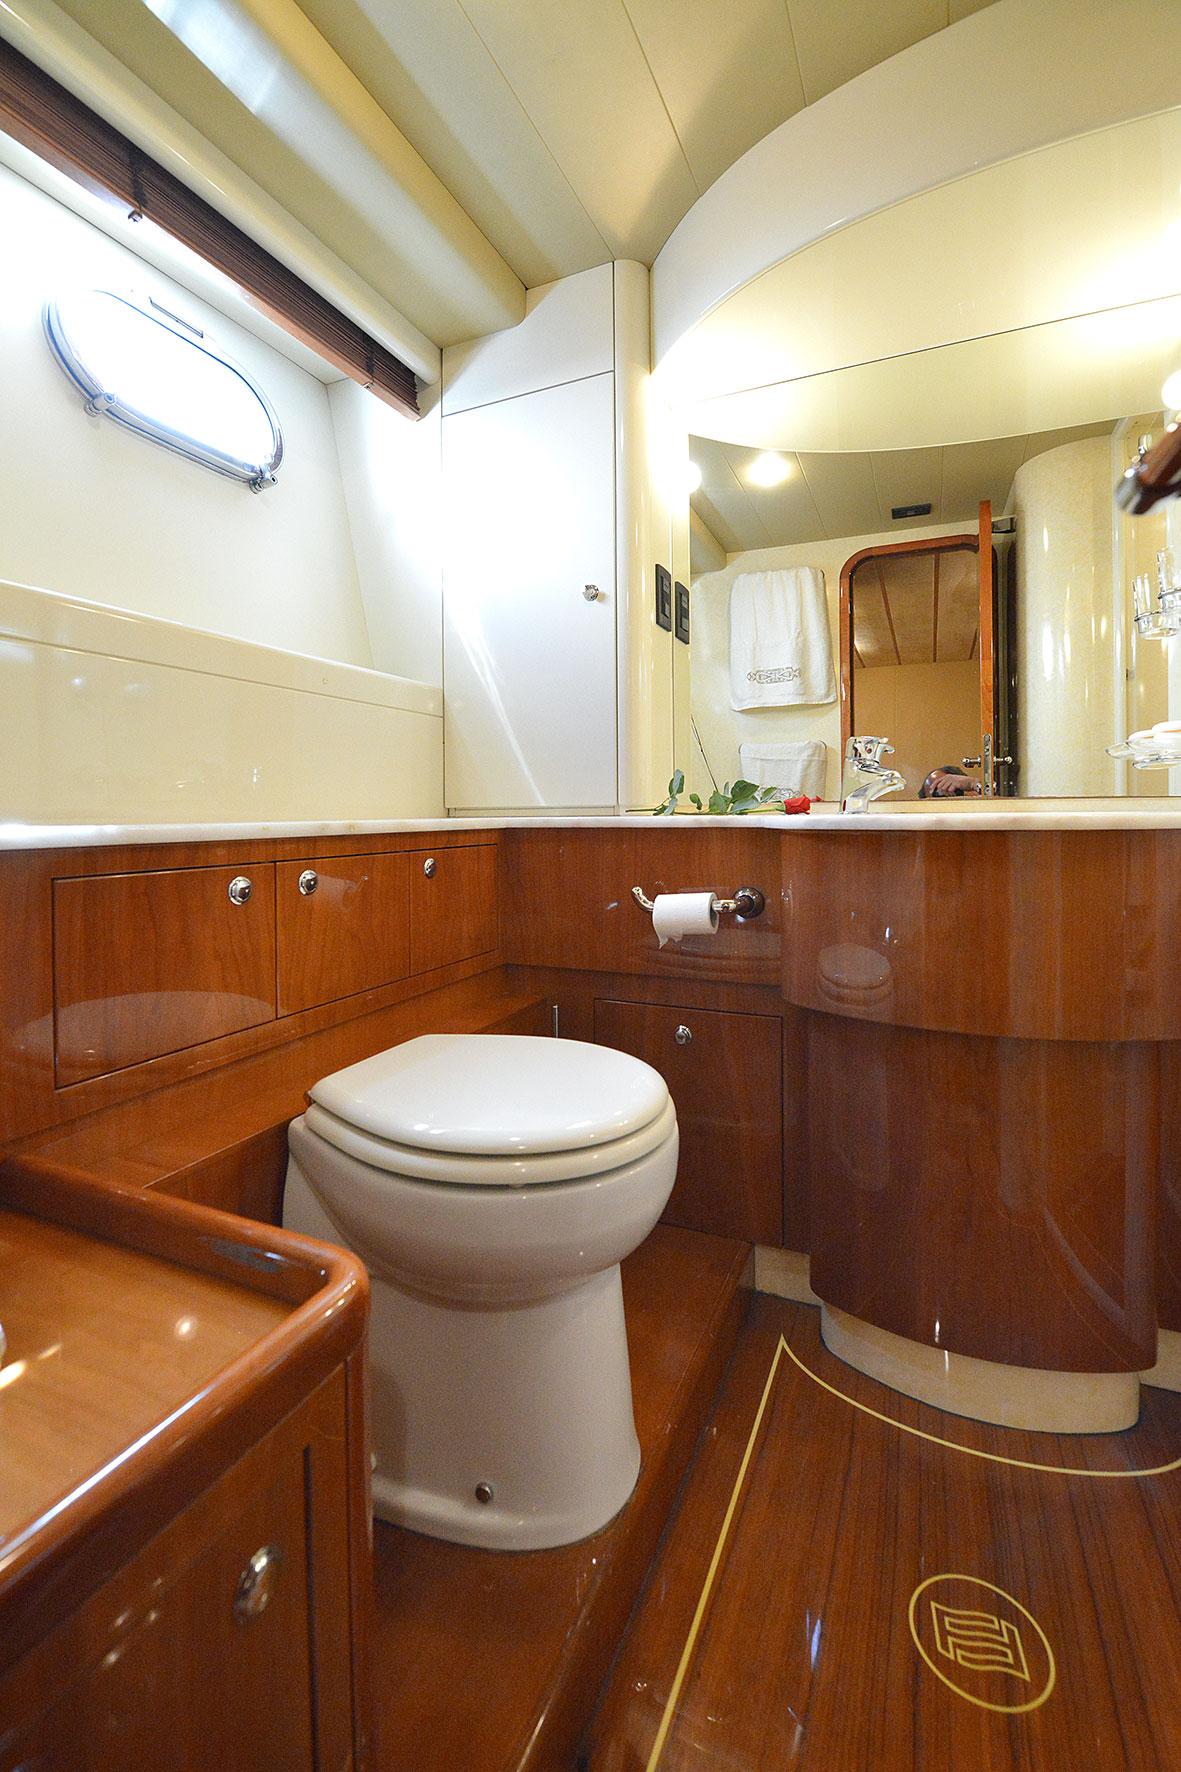 mary ferretti 68 bathroom